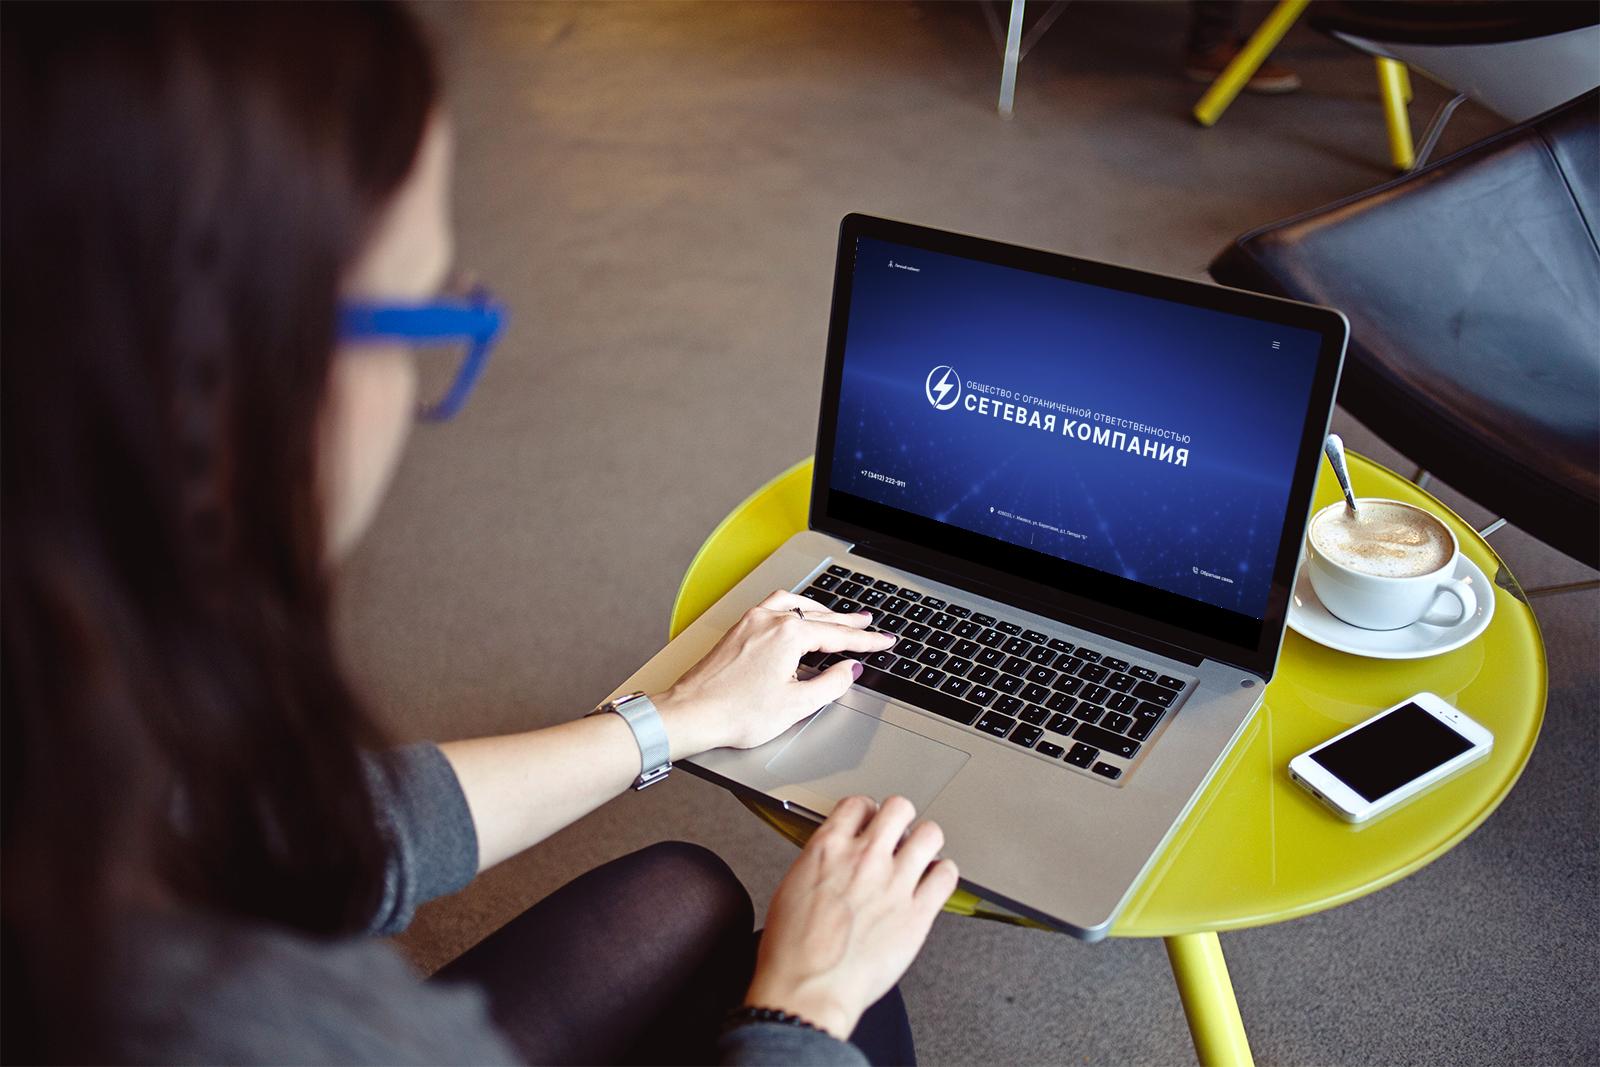 Разработка сайта сетевой компании